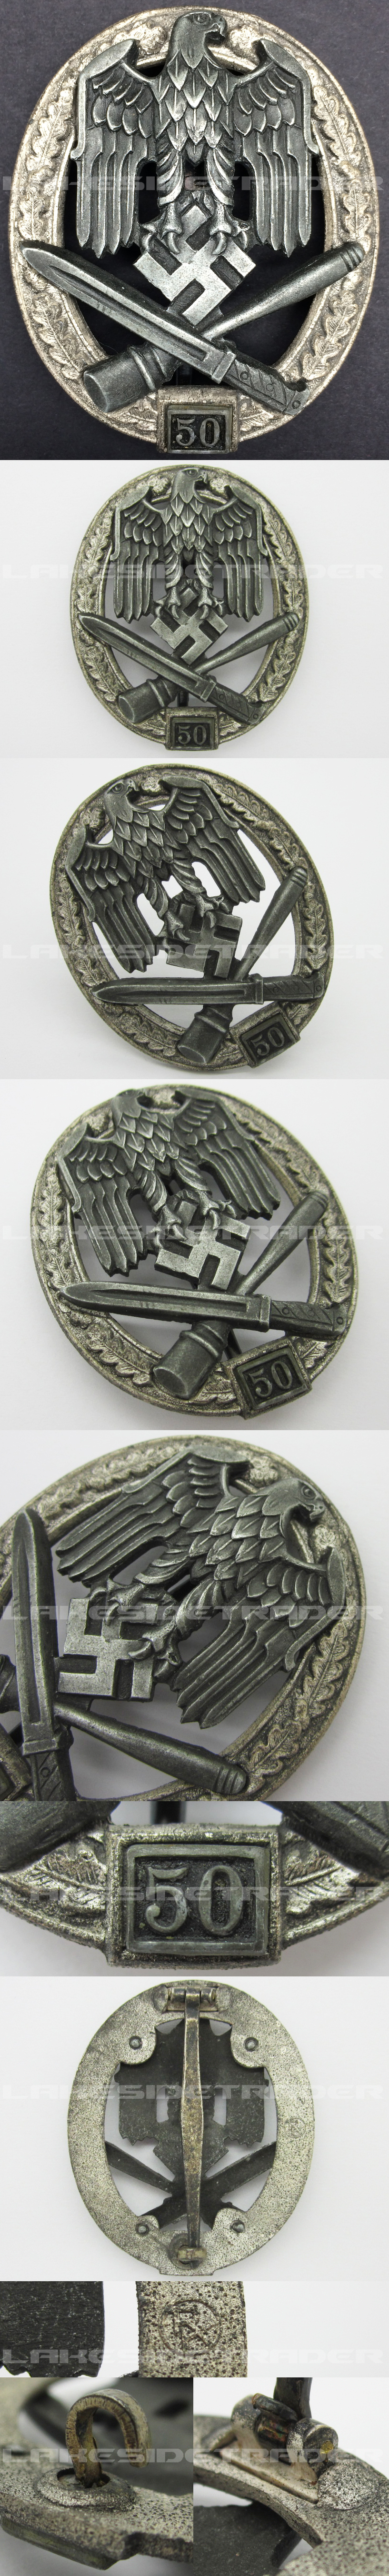 Grade III General Assault Badge by RK